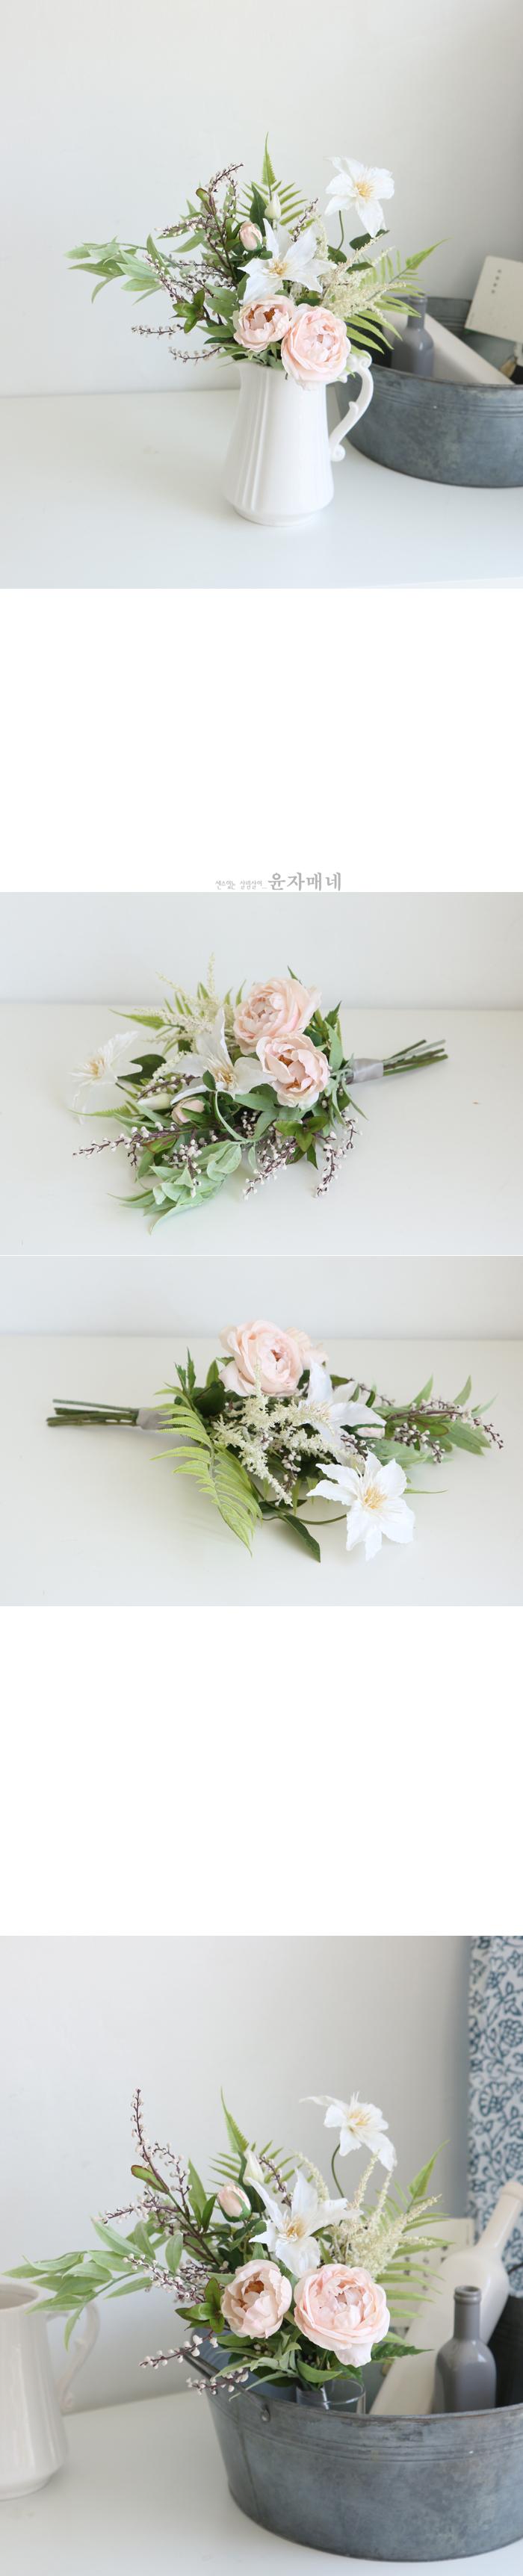 클레마티스 장미 믹스 꽃다발 - 윤자매네, 30,600원, 조화, 꽃다발/꽃바구니